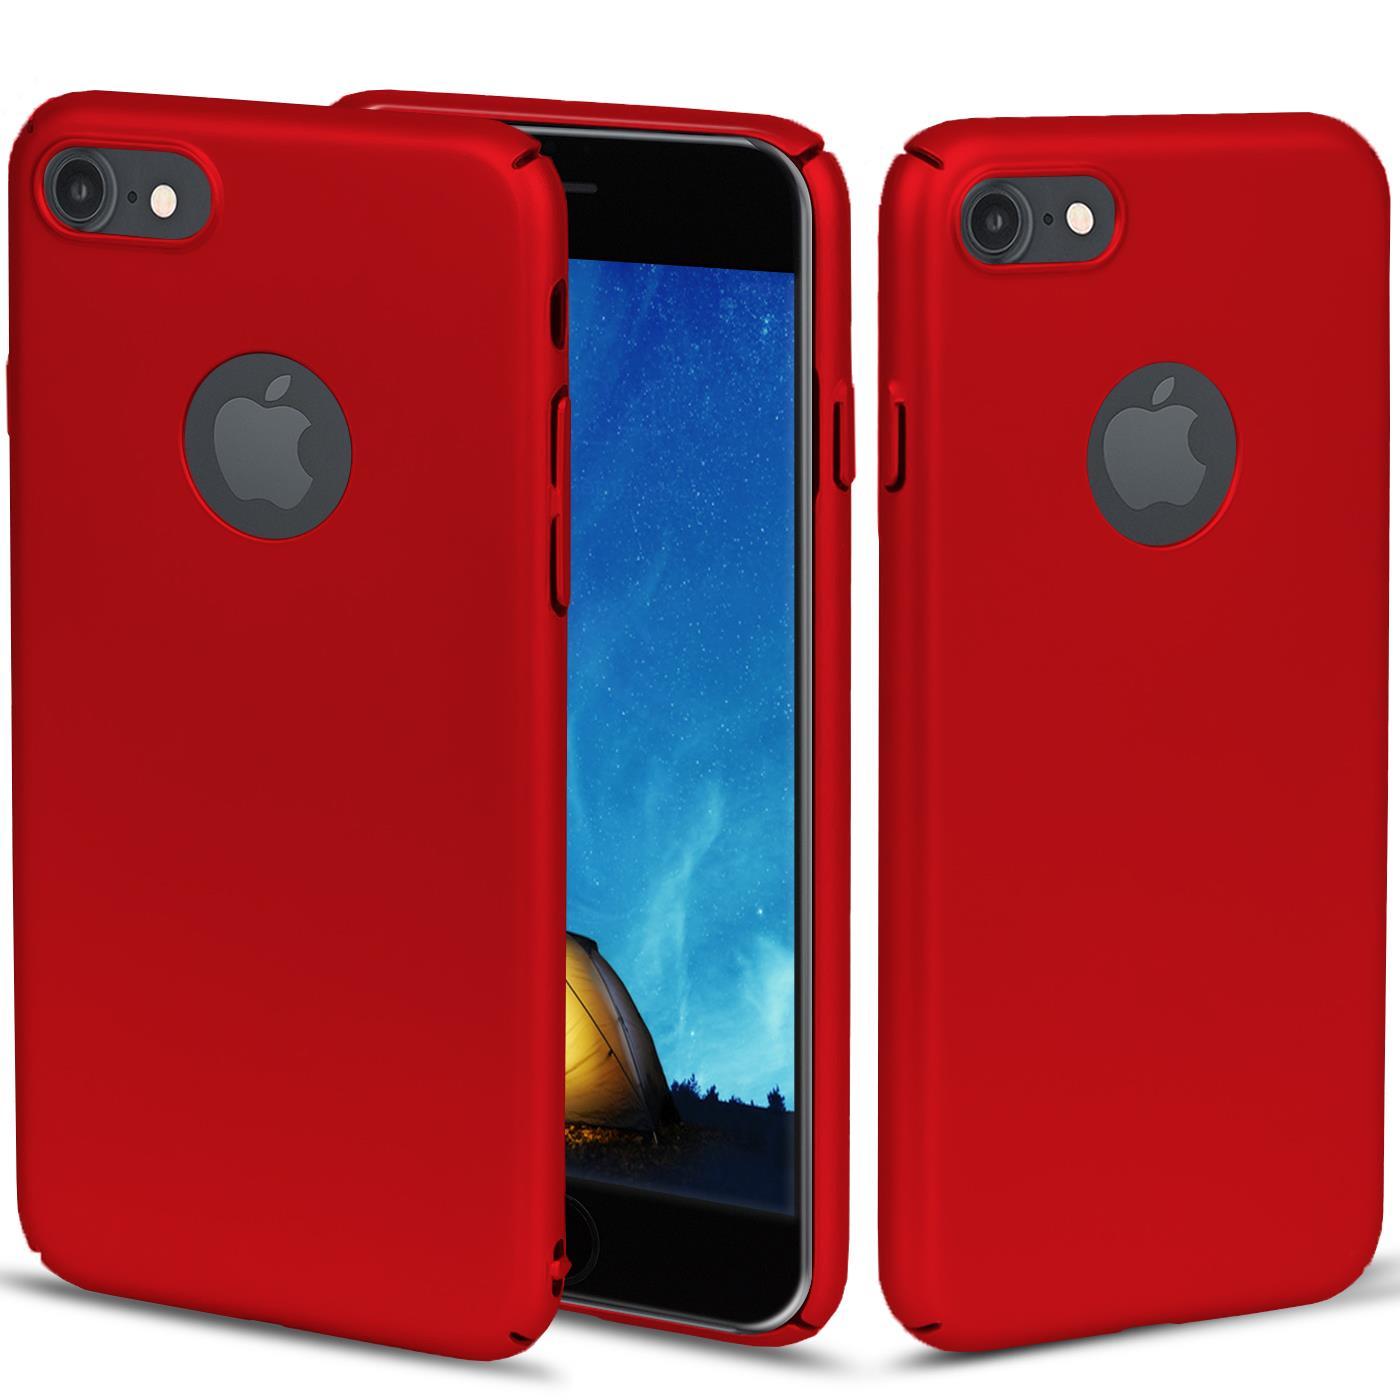 Slim-Cover-Schutzhuelle-Apple-iPhone-Handy-Schutz-Tasche-Huelle-Glas-Panzer-Folie Indexbild 35